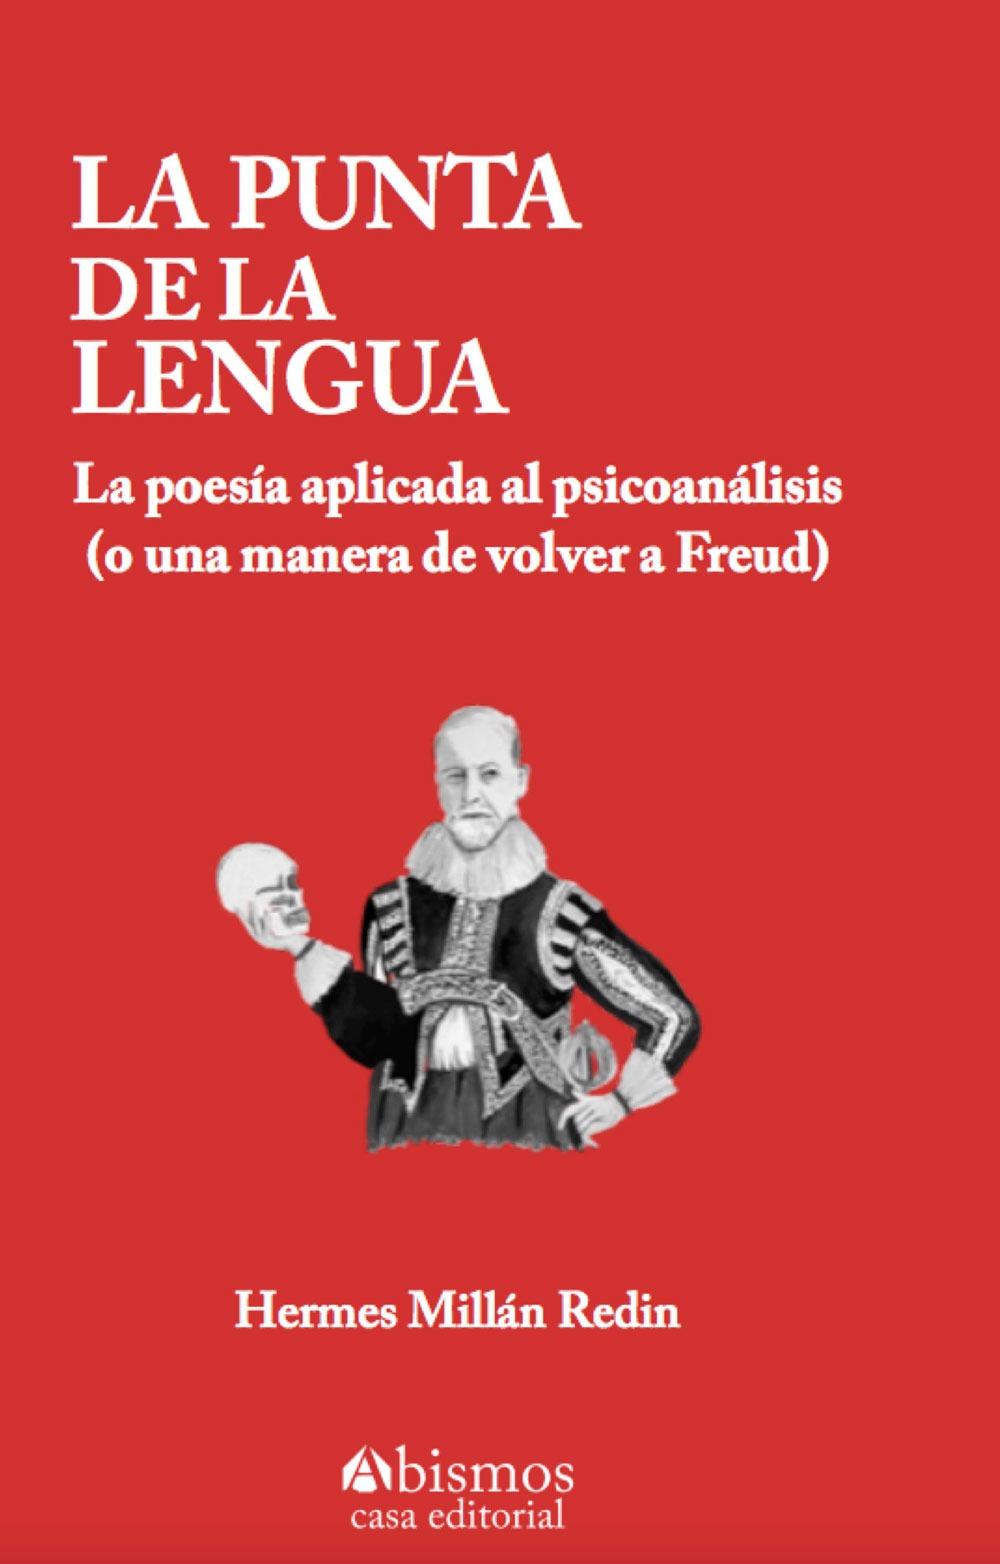 La punta de la lengua, la poesía aplicada al psicoanálisis